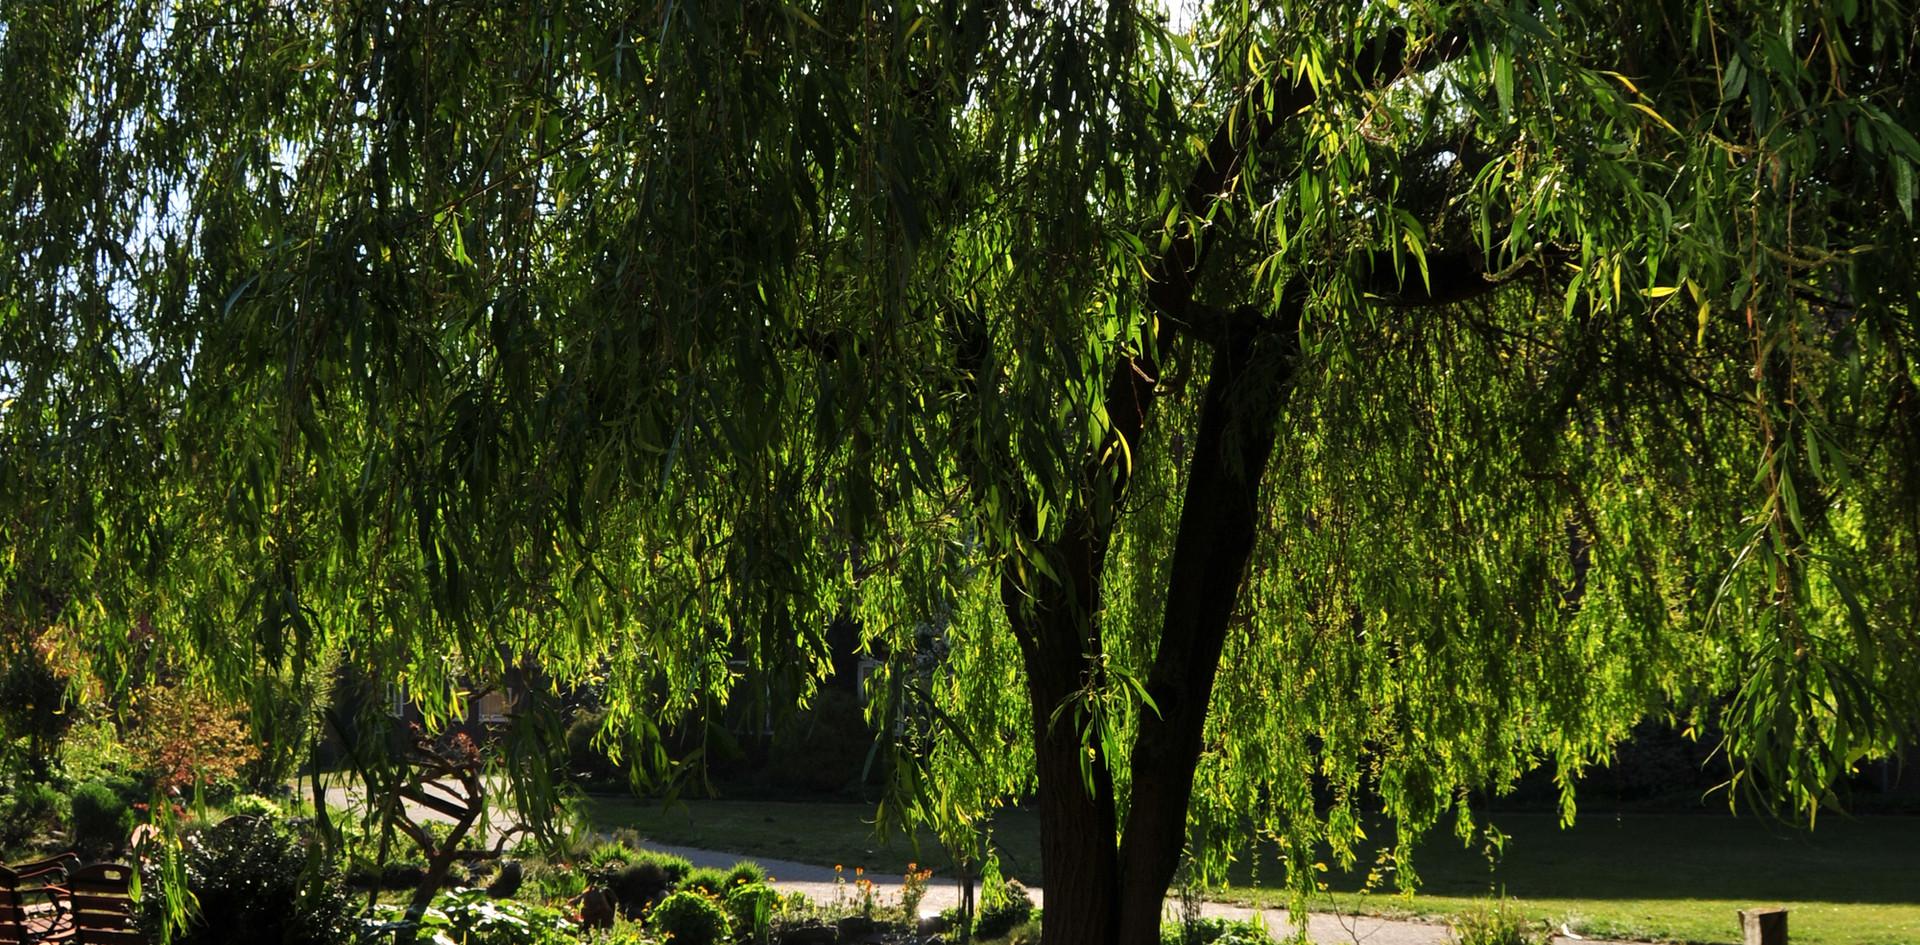 Bomen op het middenplein van Landgoed de Leonardushoeve